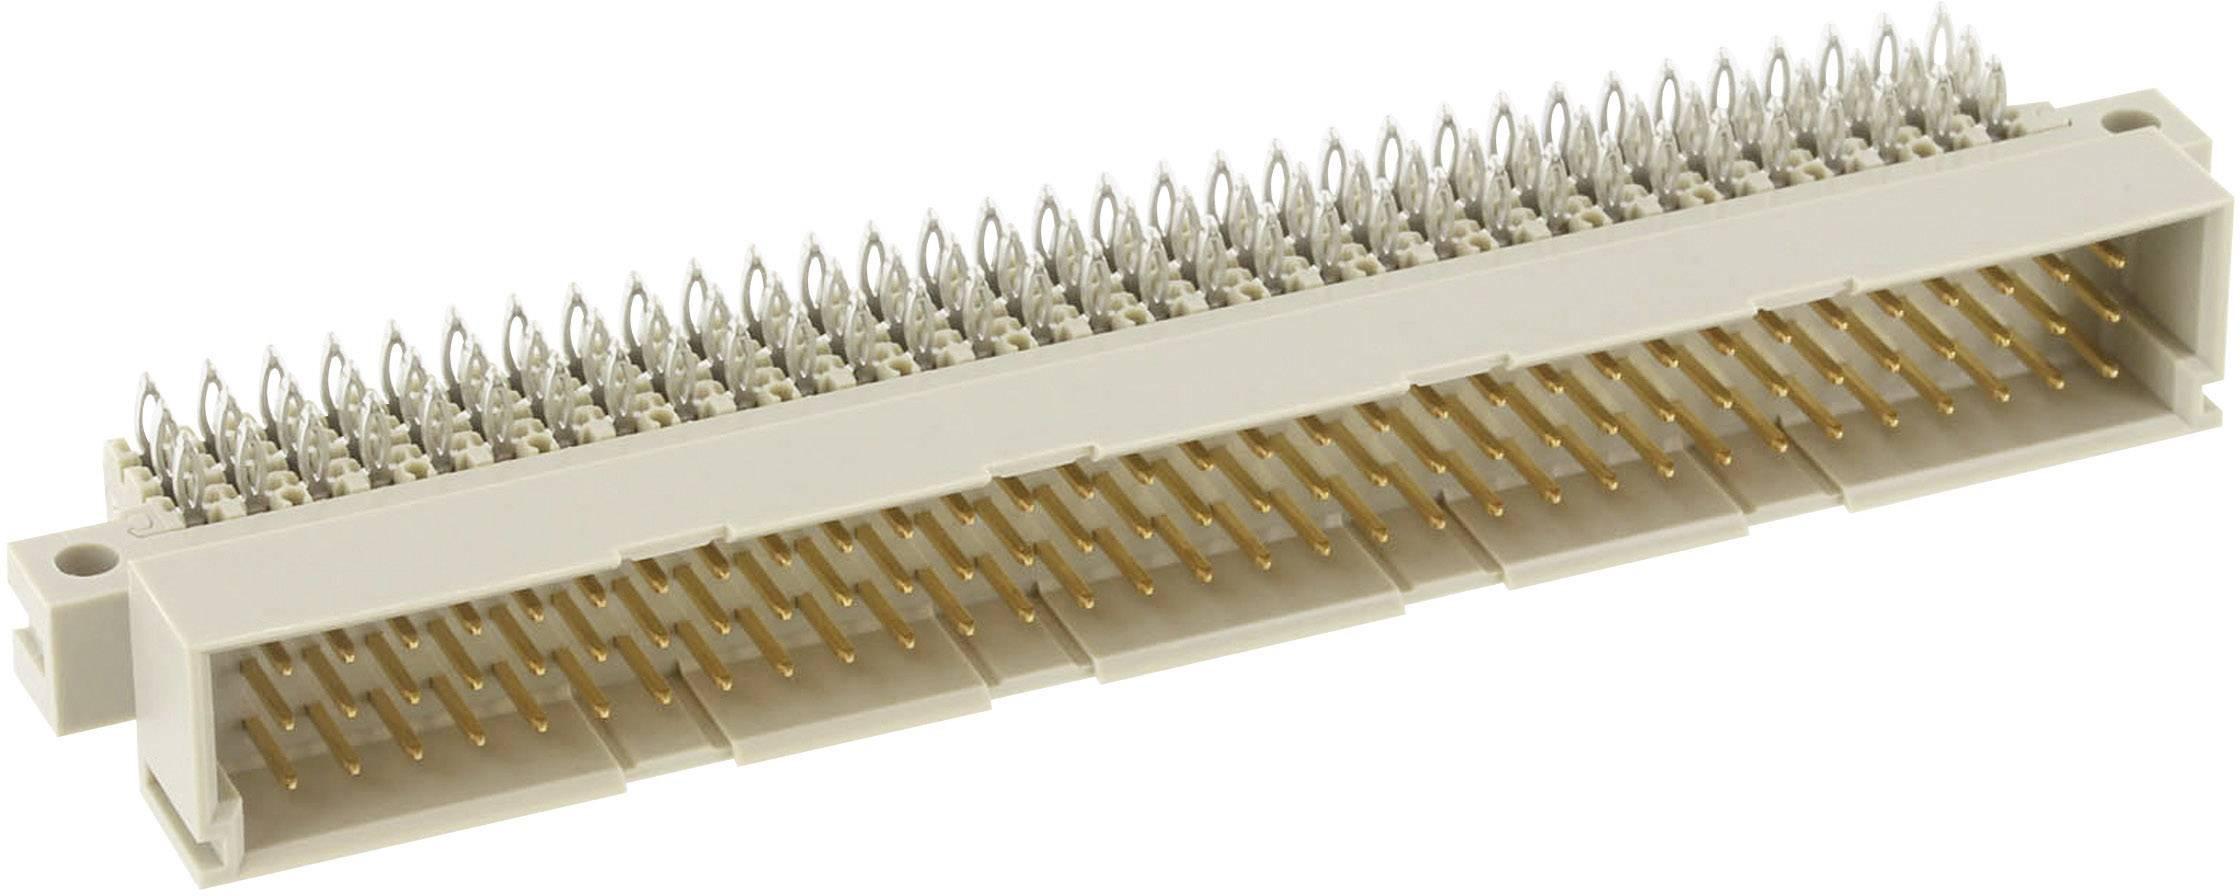 Měřicí lišta typ C ERNI 254835, úhlová měřící lišta, 2,54 mm